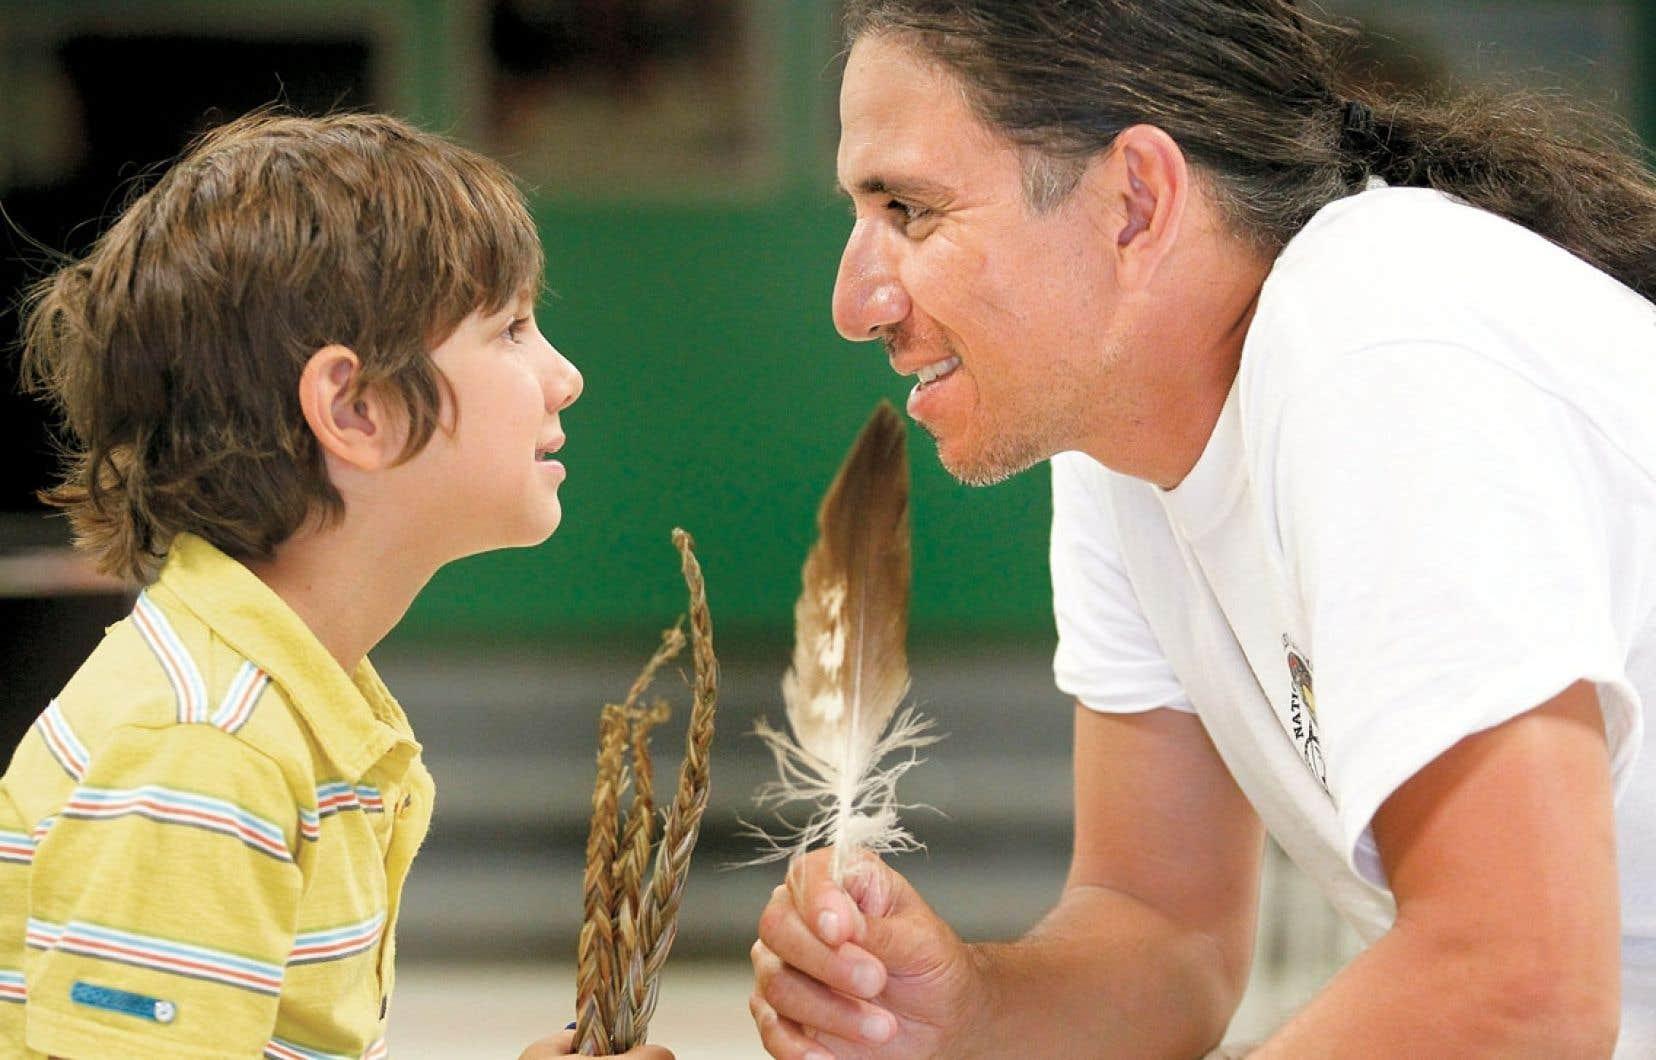 En 2007, le rythme effréné de sa vie professionnelle mène le docteur d'origine amérindienne Stanley Vollant au bord du gouffre. Il s'accroche pourtant, pour ses trois enfants. Ci-dessus, le DrVollant avec son fils Xavier.